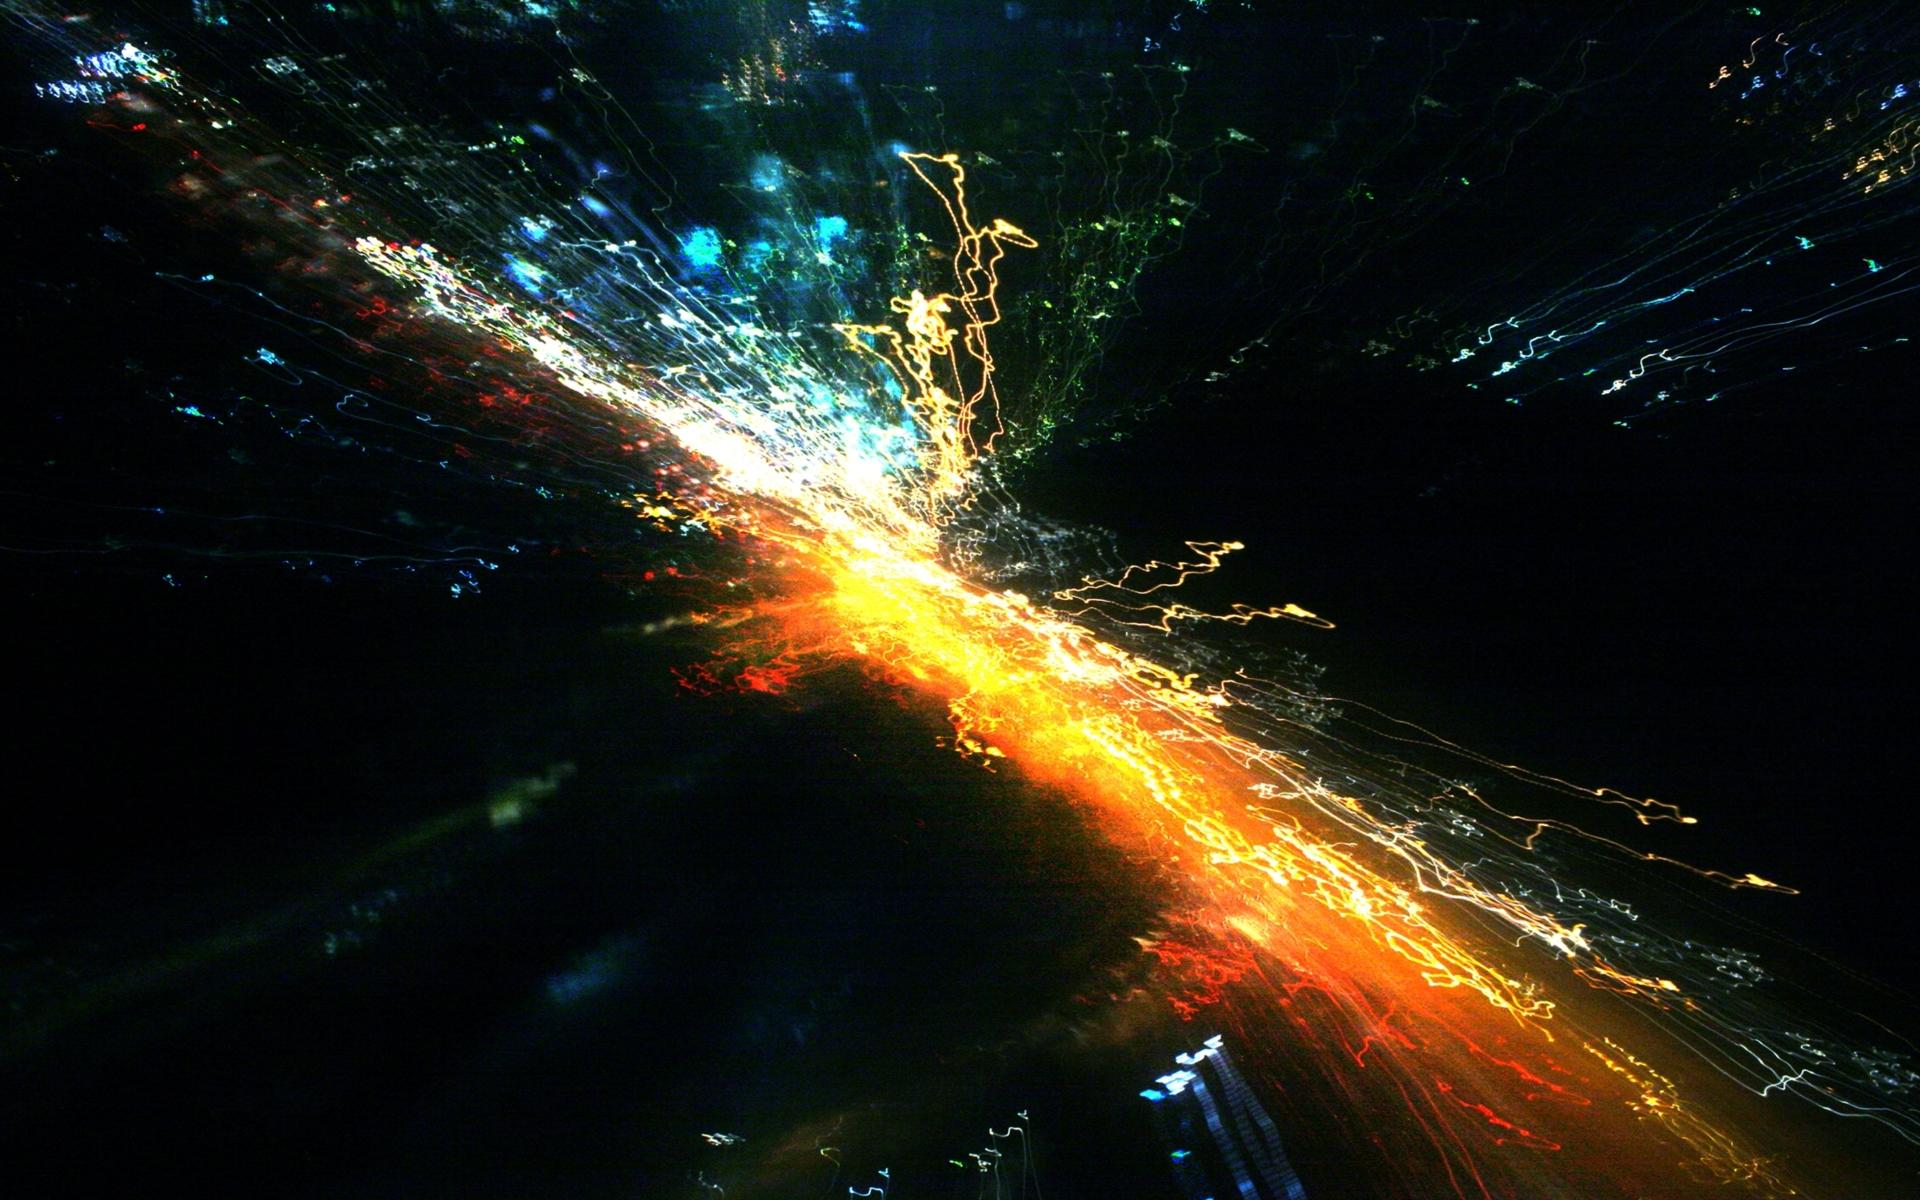 Light Splash by MindStep